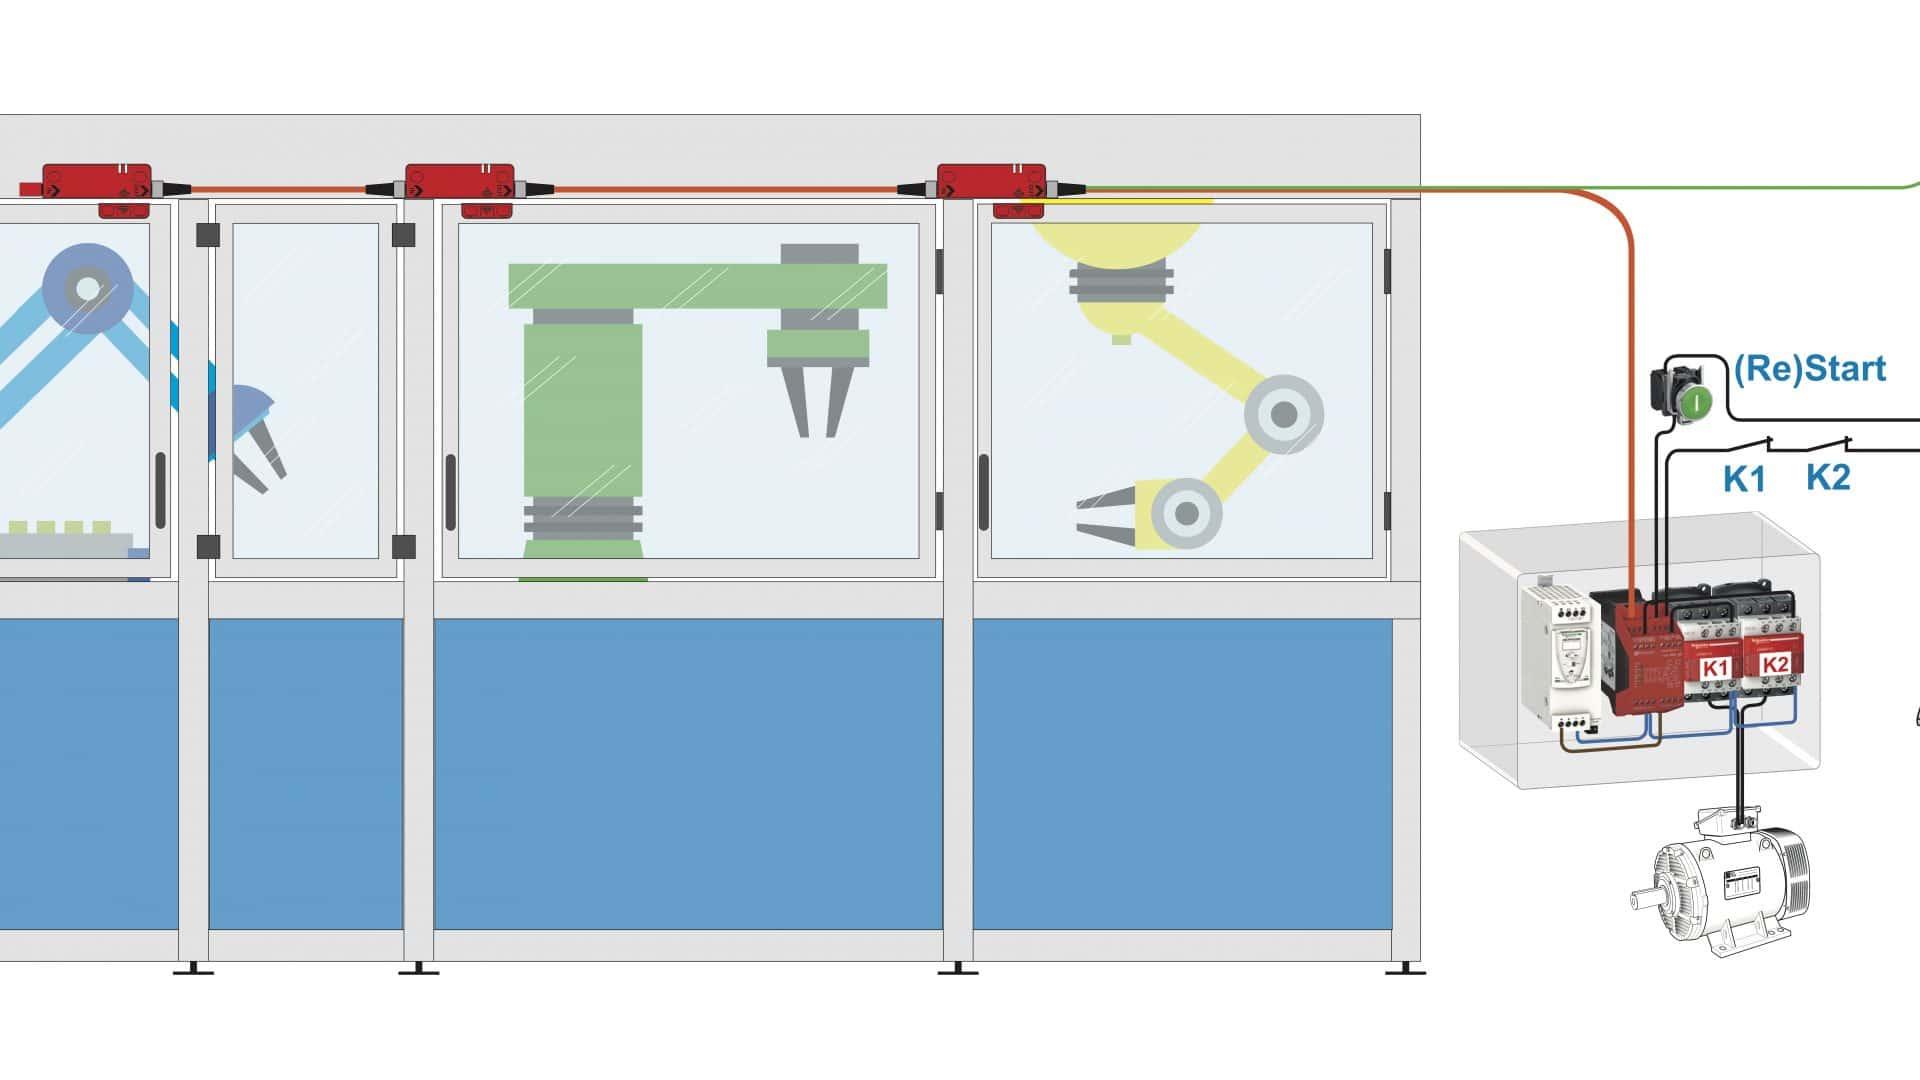 Un nuevo sensor de seguridad RFID sin contacto facilita la protección de los empleados en entornos industriales peligrosos